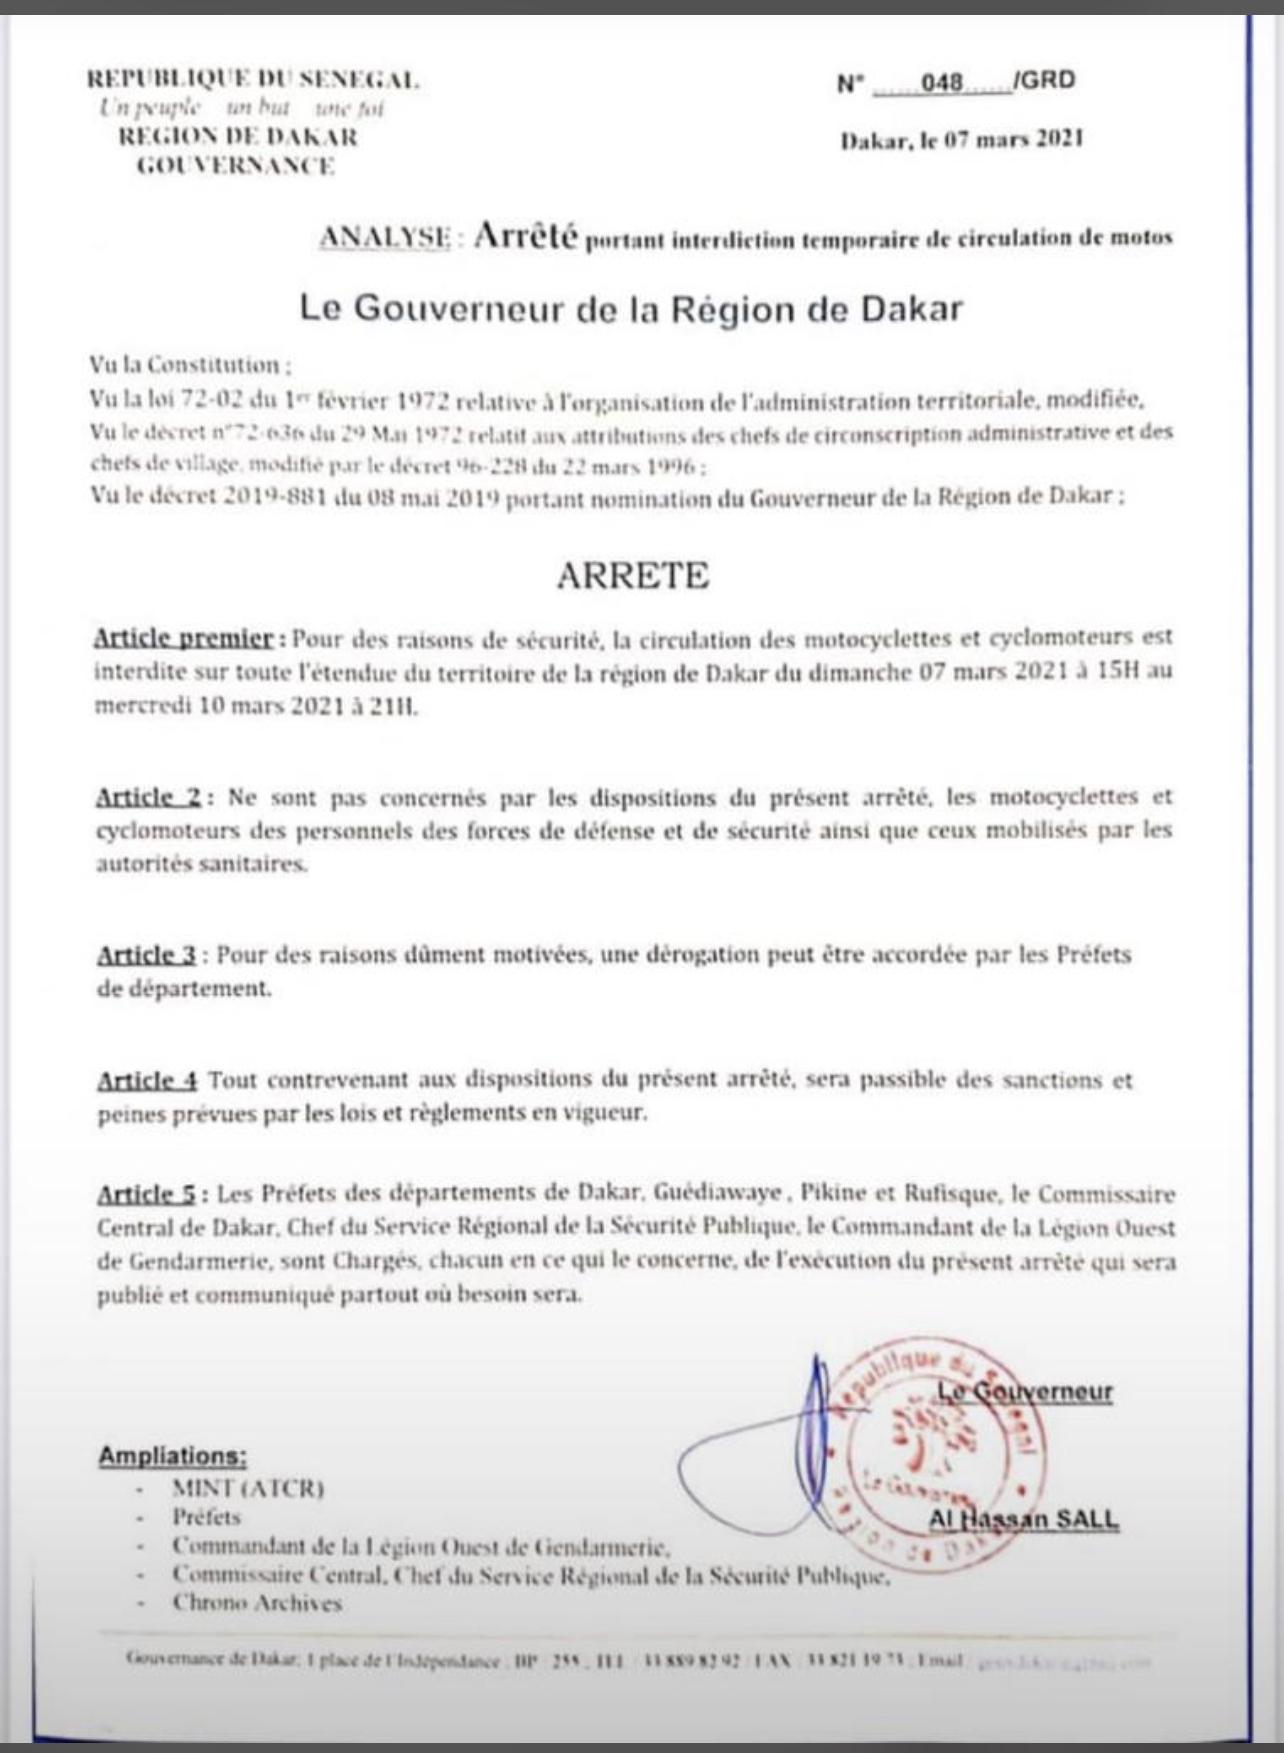 Dakar : Interdiction de la circulation des motocyclettes et cyclomoteurs à partir de ce dimanche à 15 heures jusqu'à mercredi 10 mars à 21 heures. (Gouverneur)